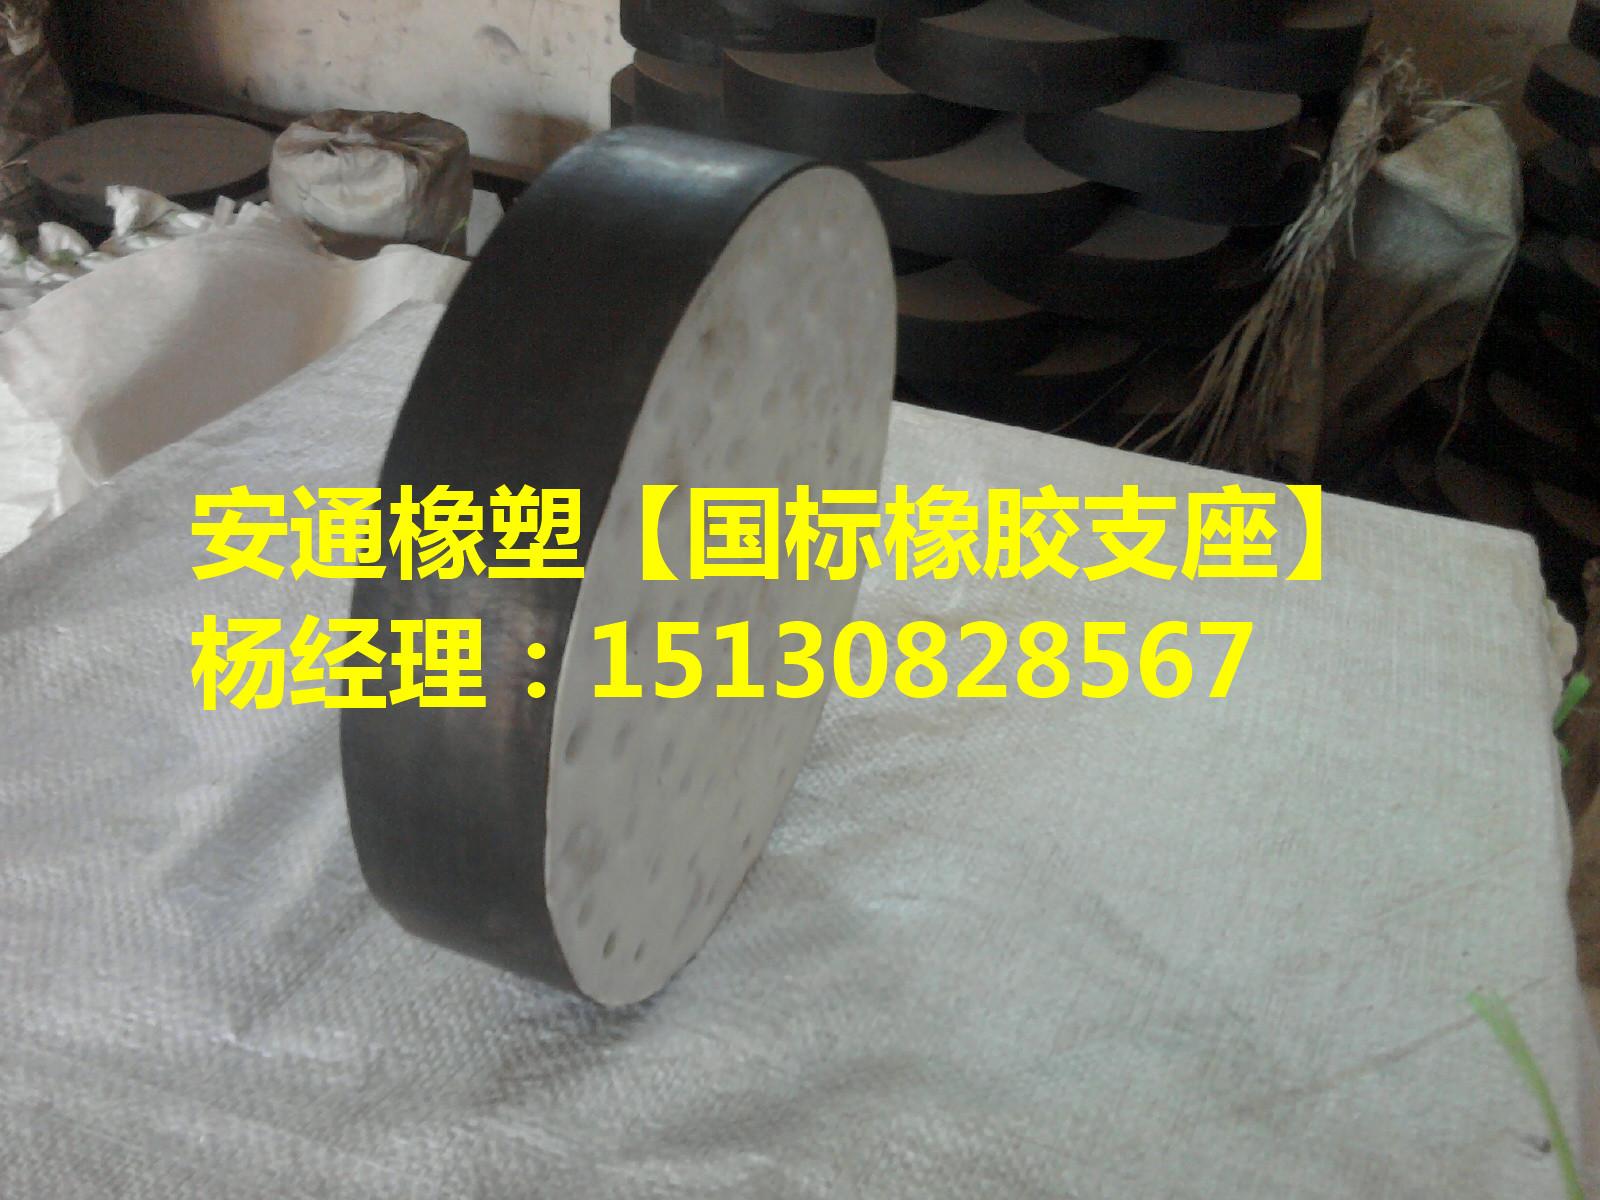 安通解析橡胶支座使用中常见问题的解决措施3